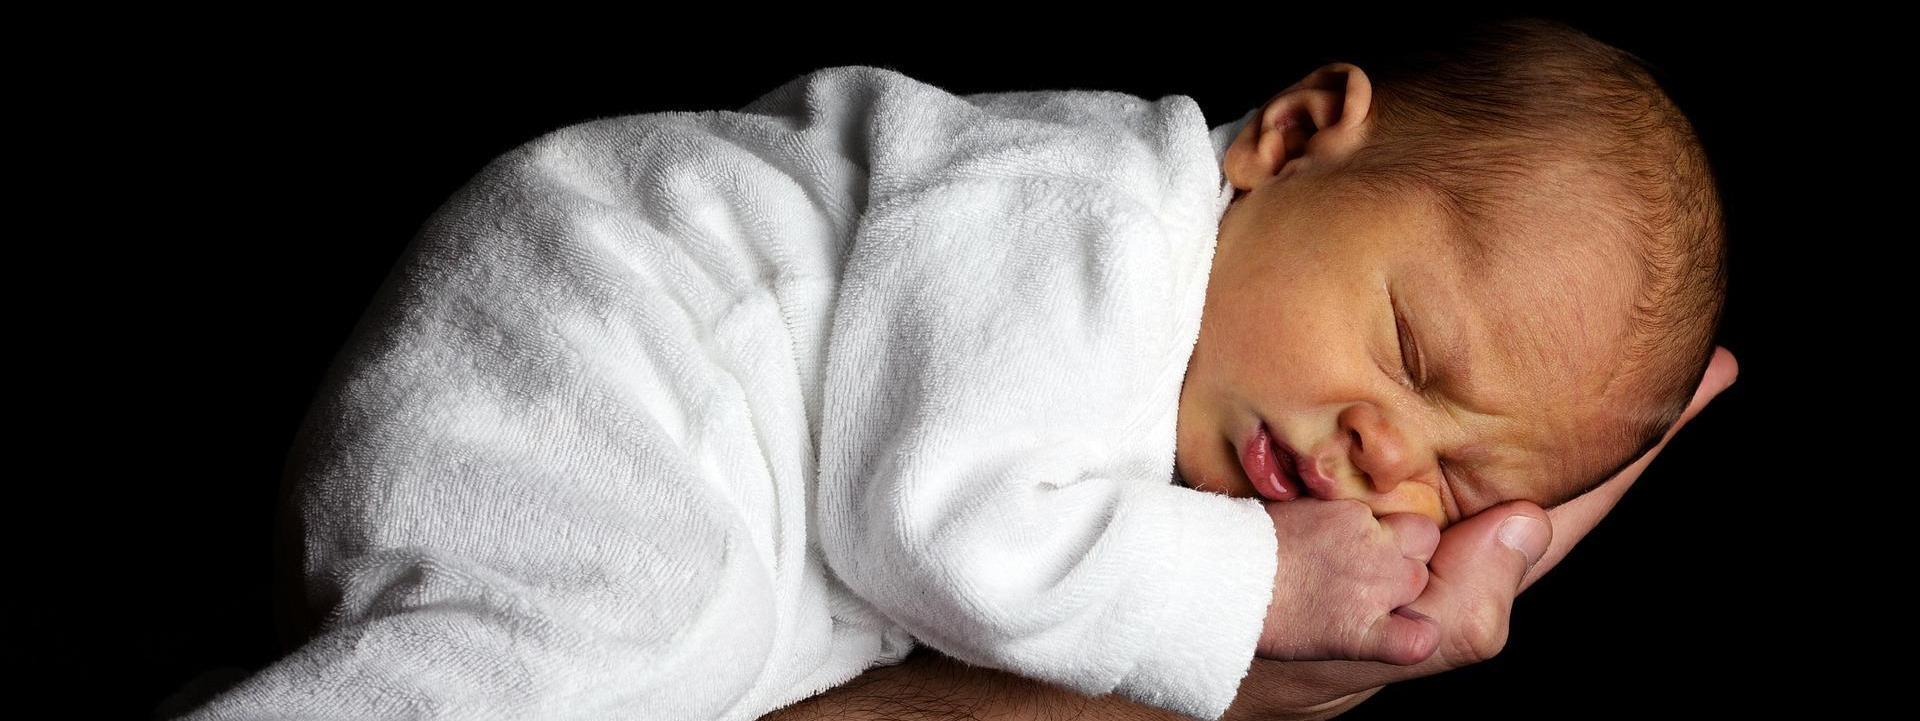 Consejos para elegir la ropita de primera puesta para el recién nacido